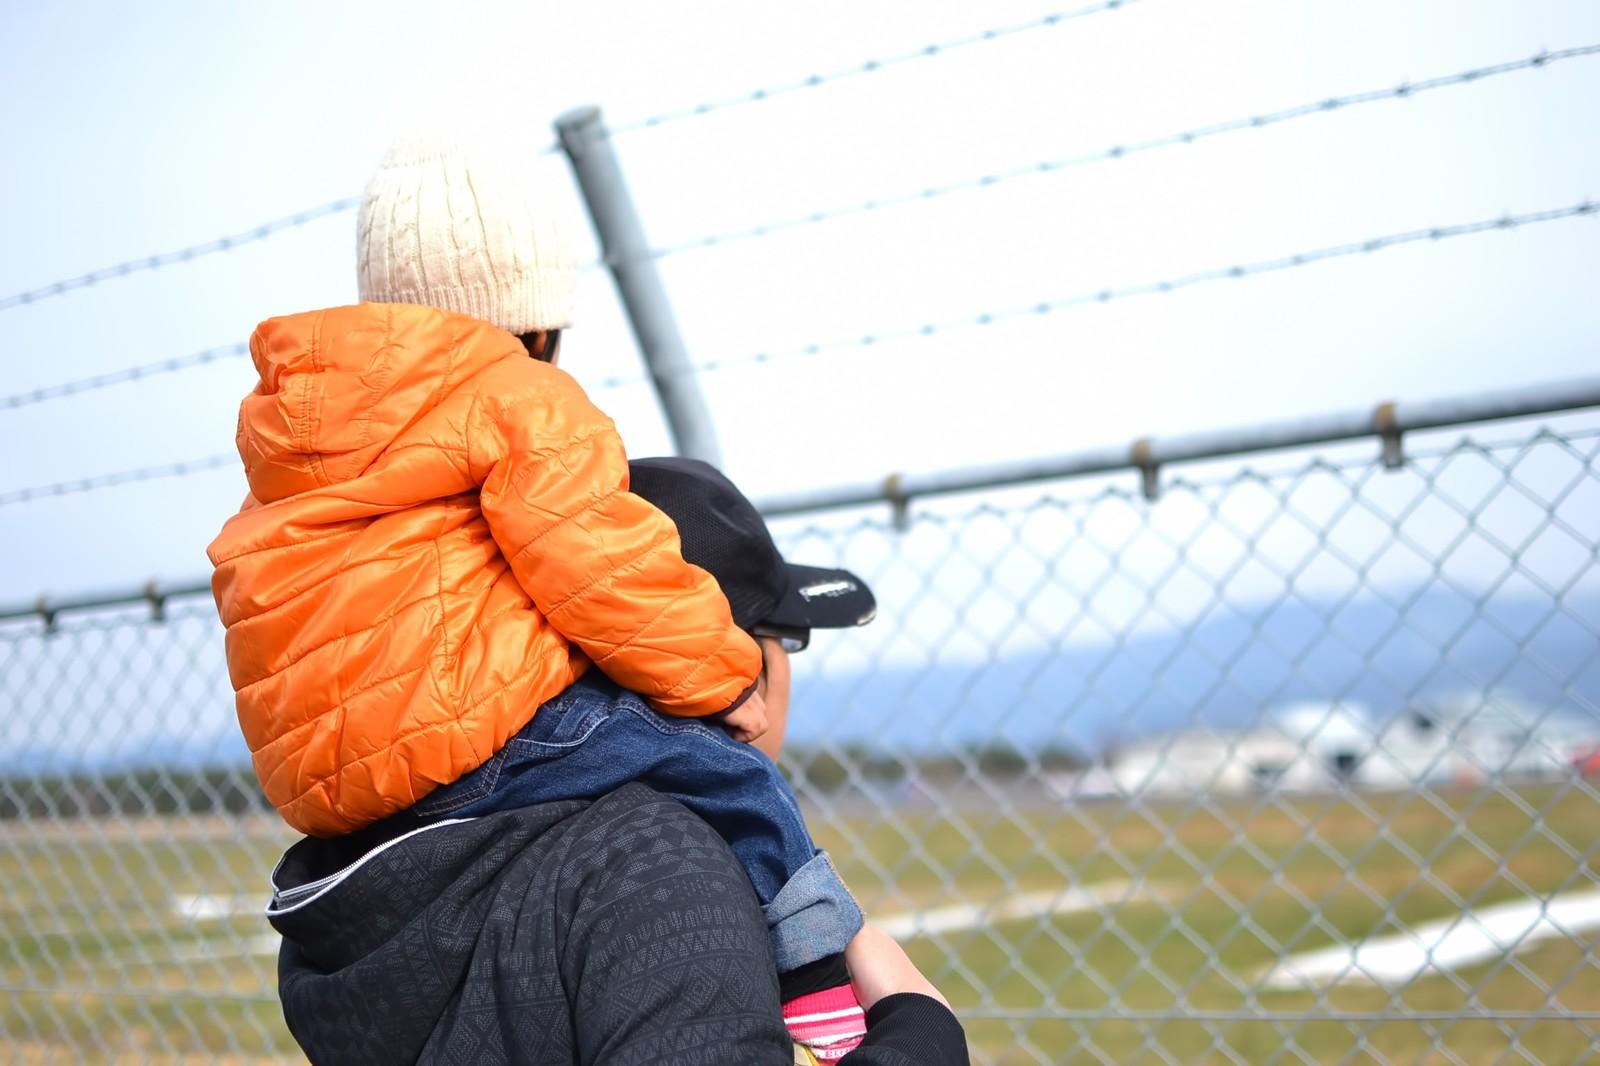 子どもの自立を想像すると寂しい いつか別の道を歩むわが子に対するパパの想い